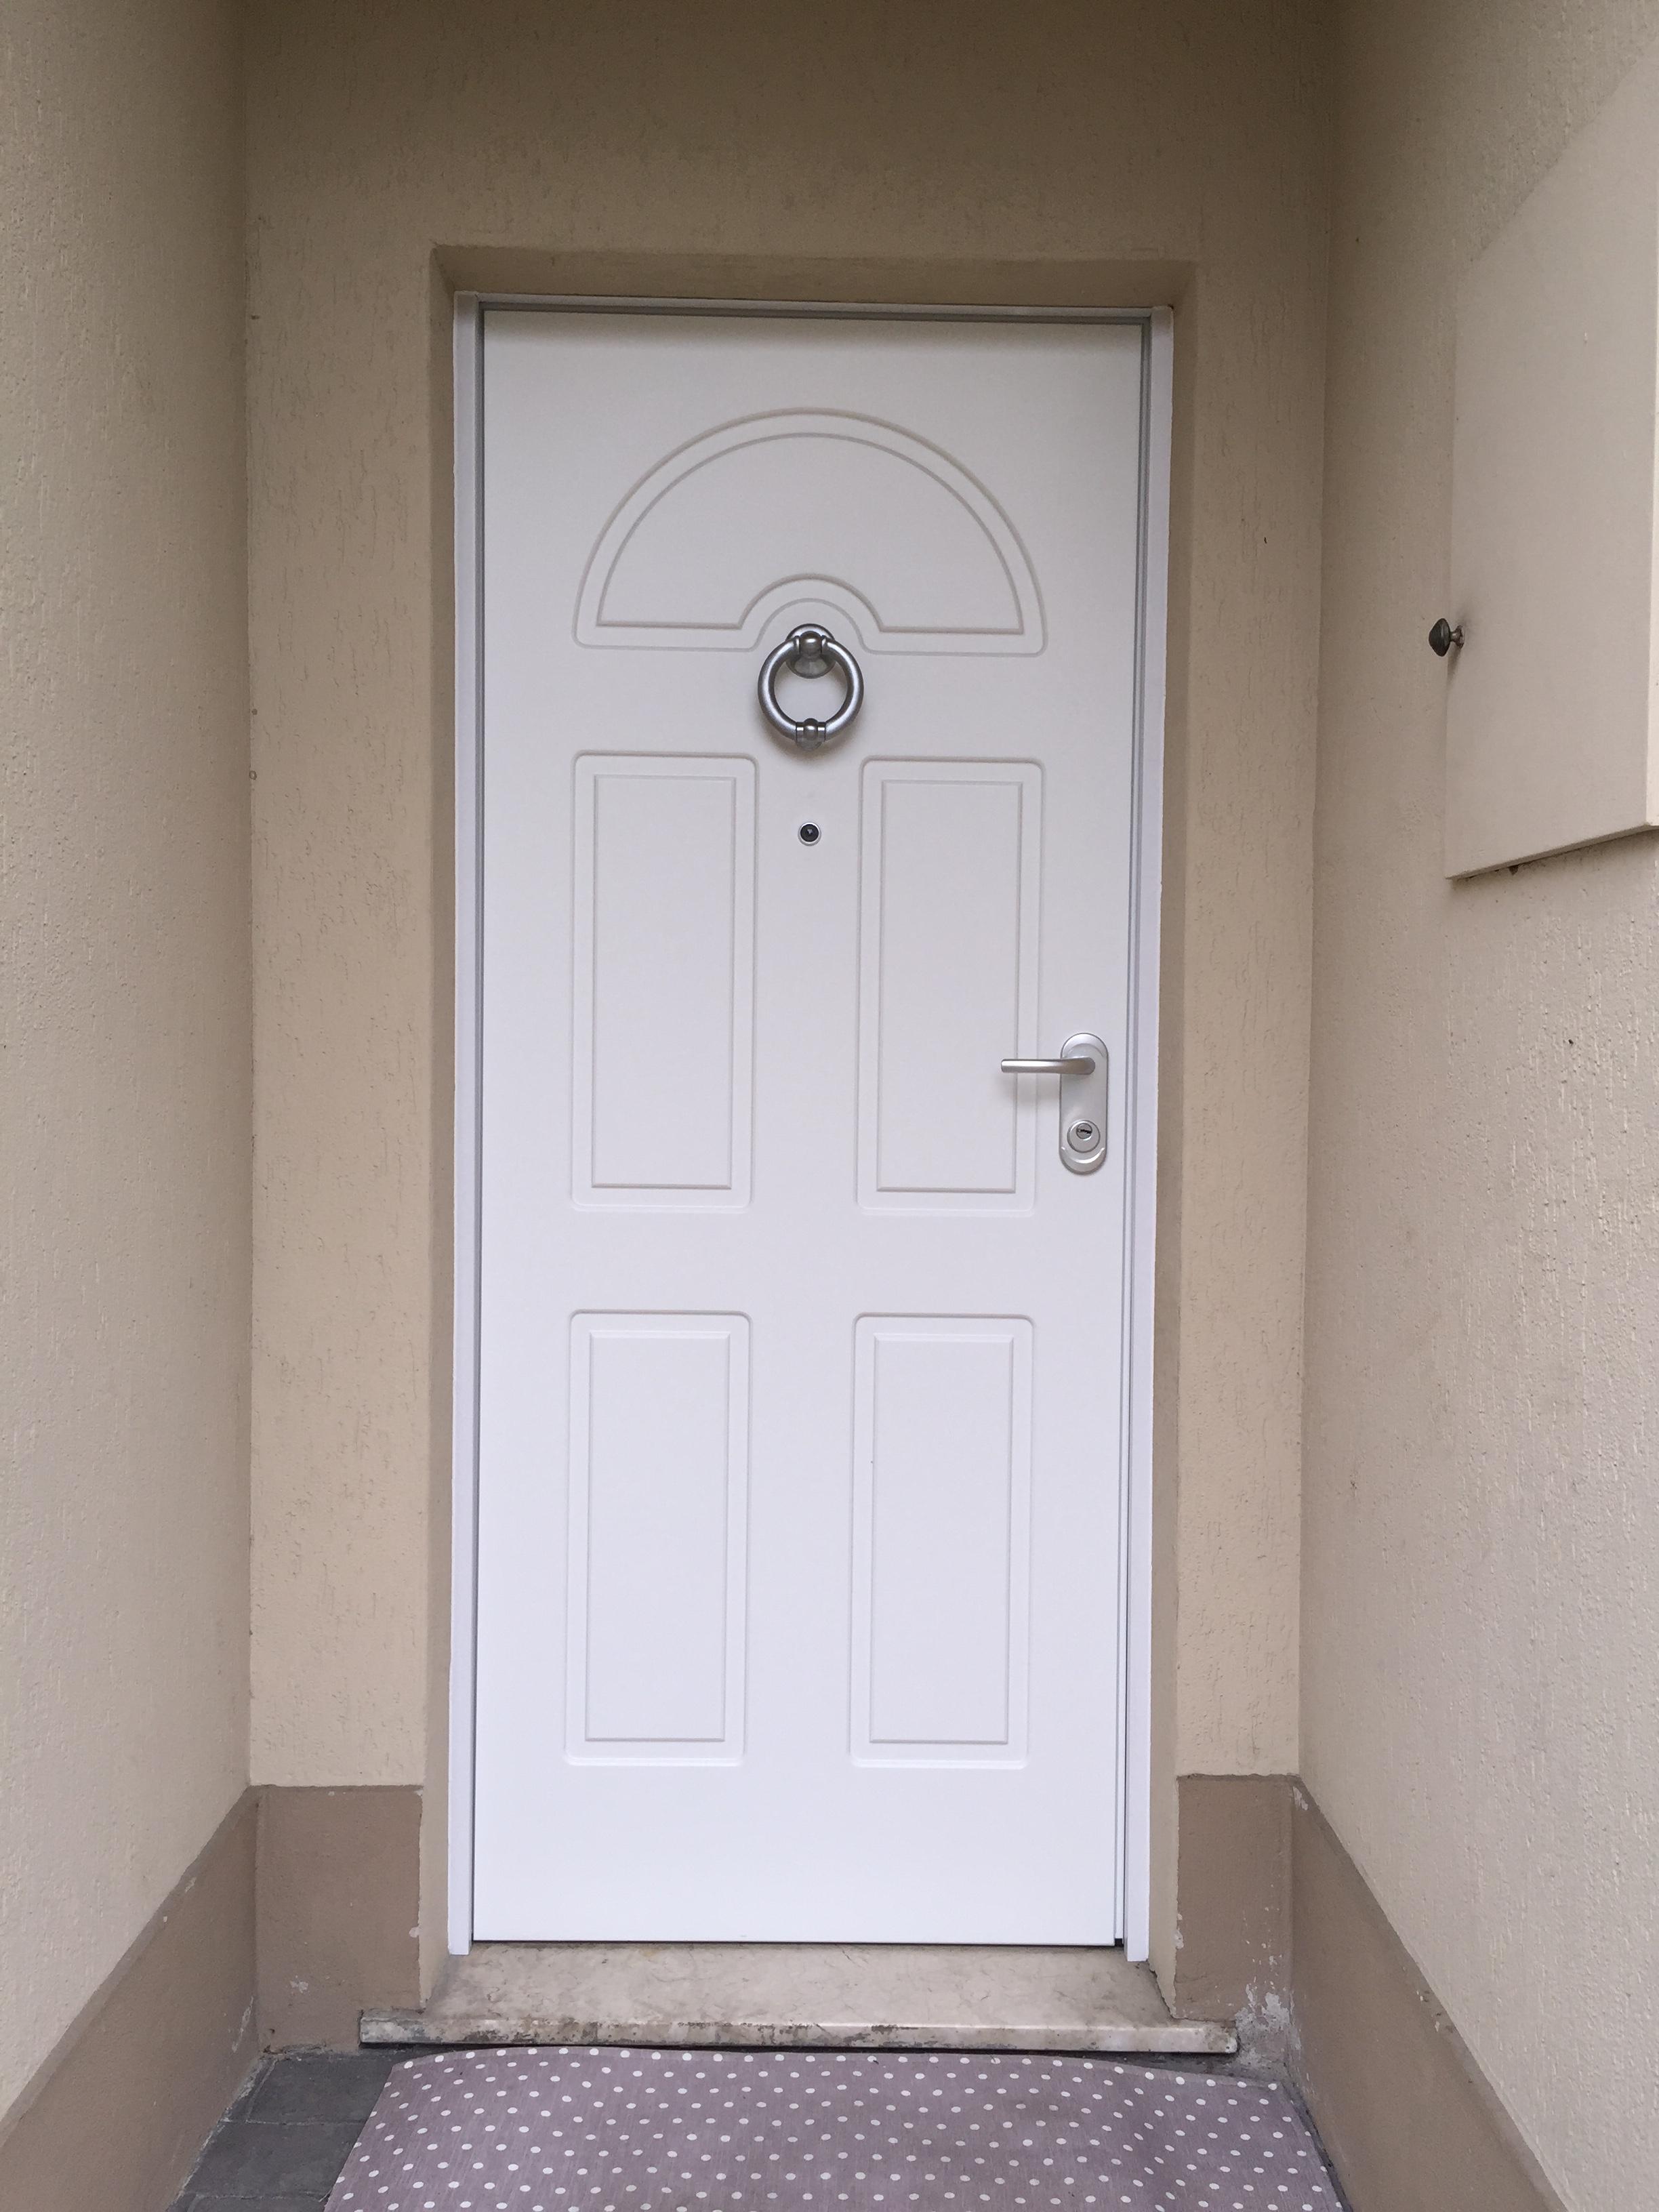 Sostituzione porta d'ingresso in legno con porta blindata Dierre Tablet Door 1 certificata in classe 3 , trasmittanza termica 1.3